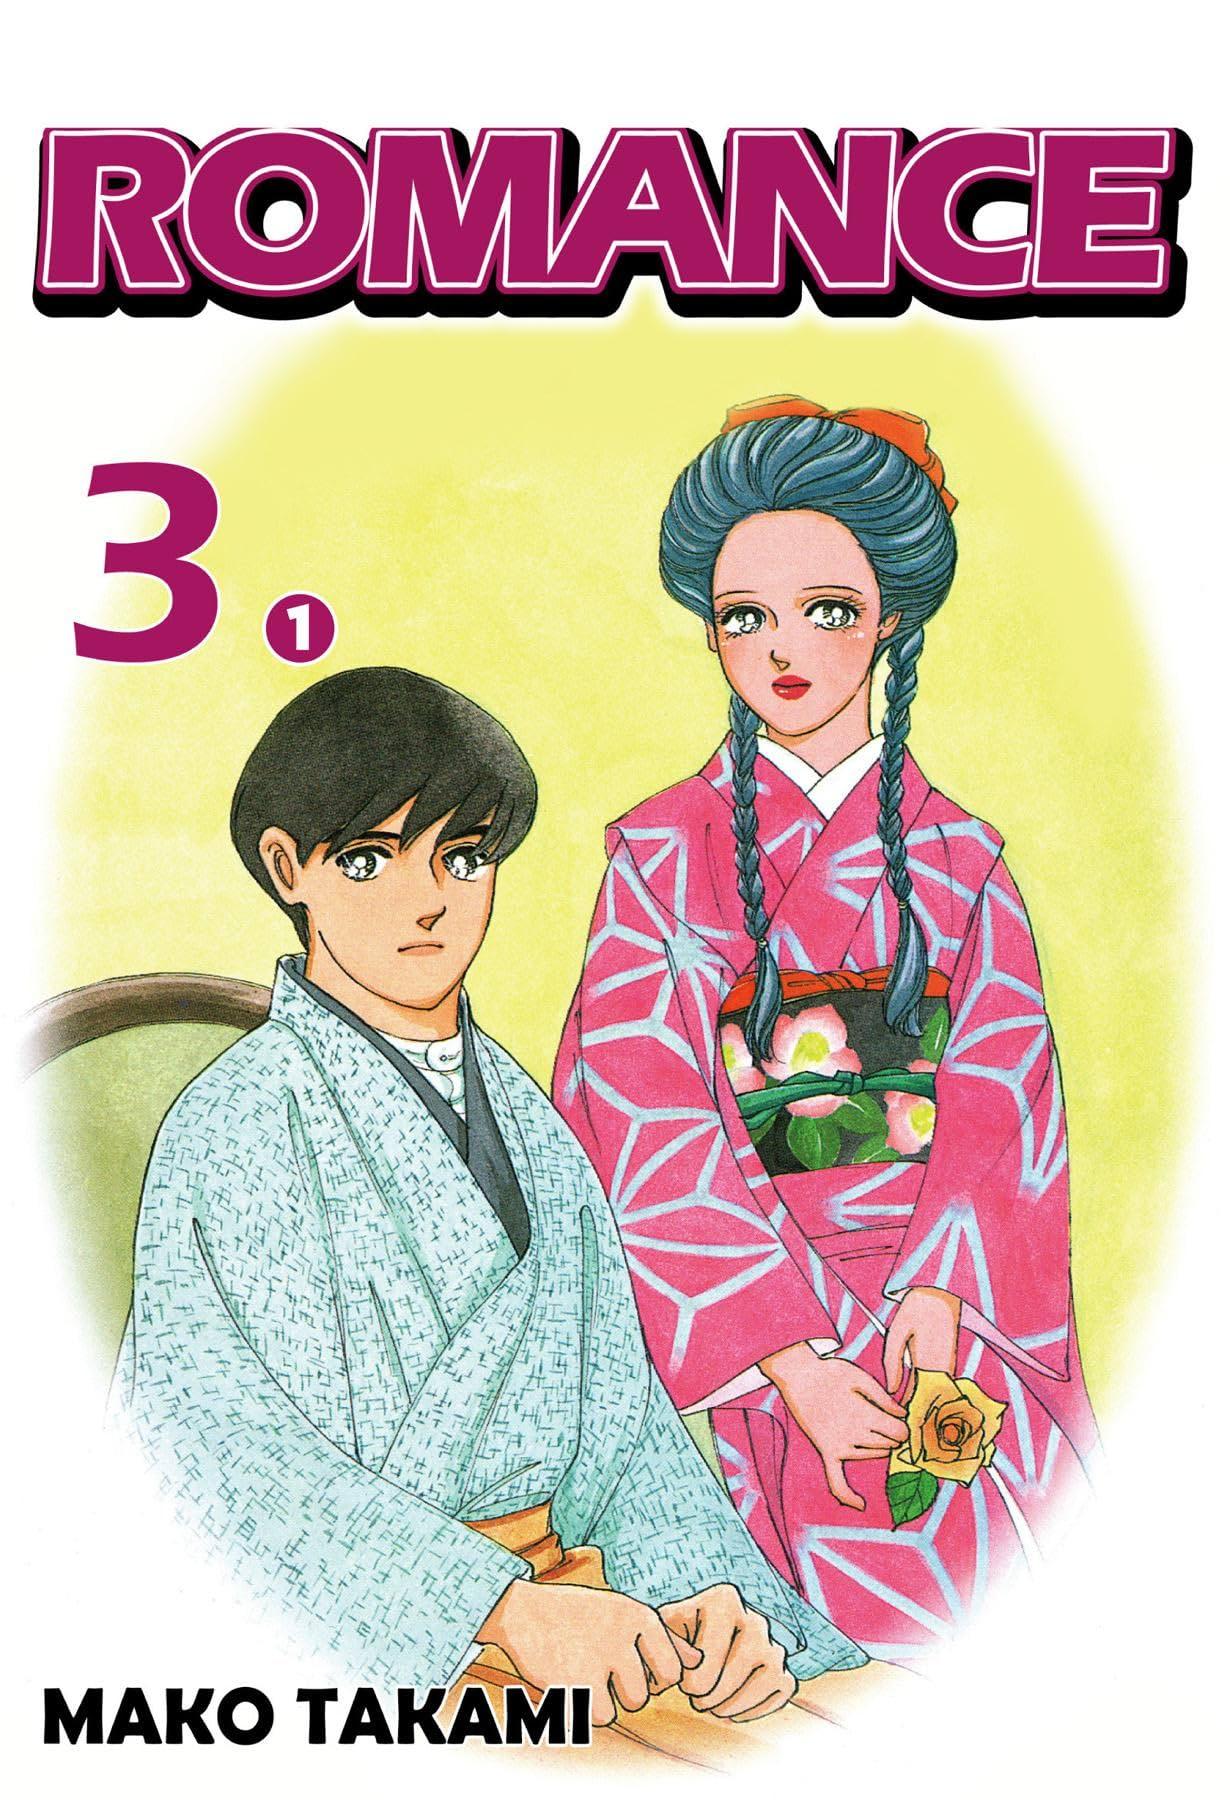 ROMANCE #15